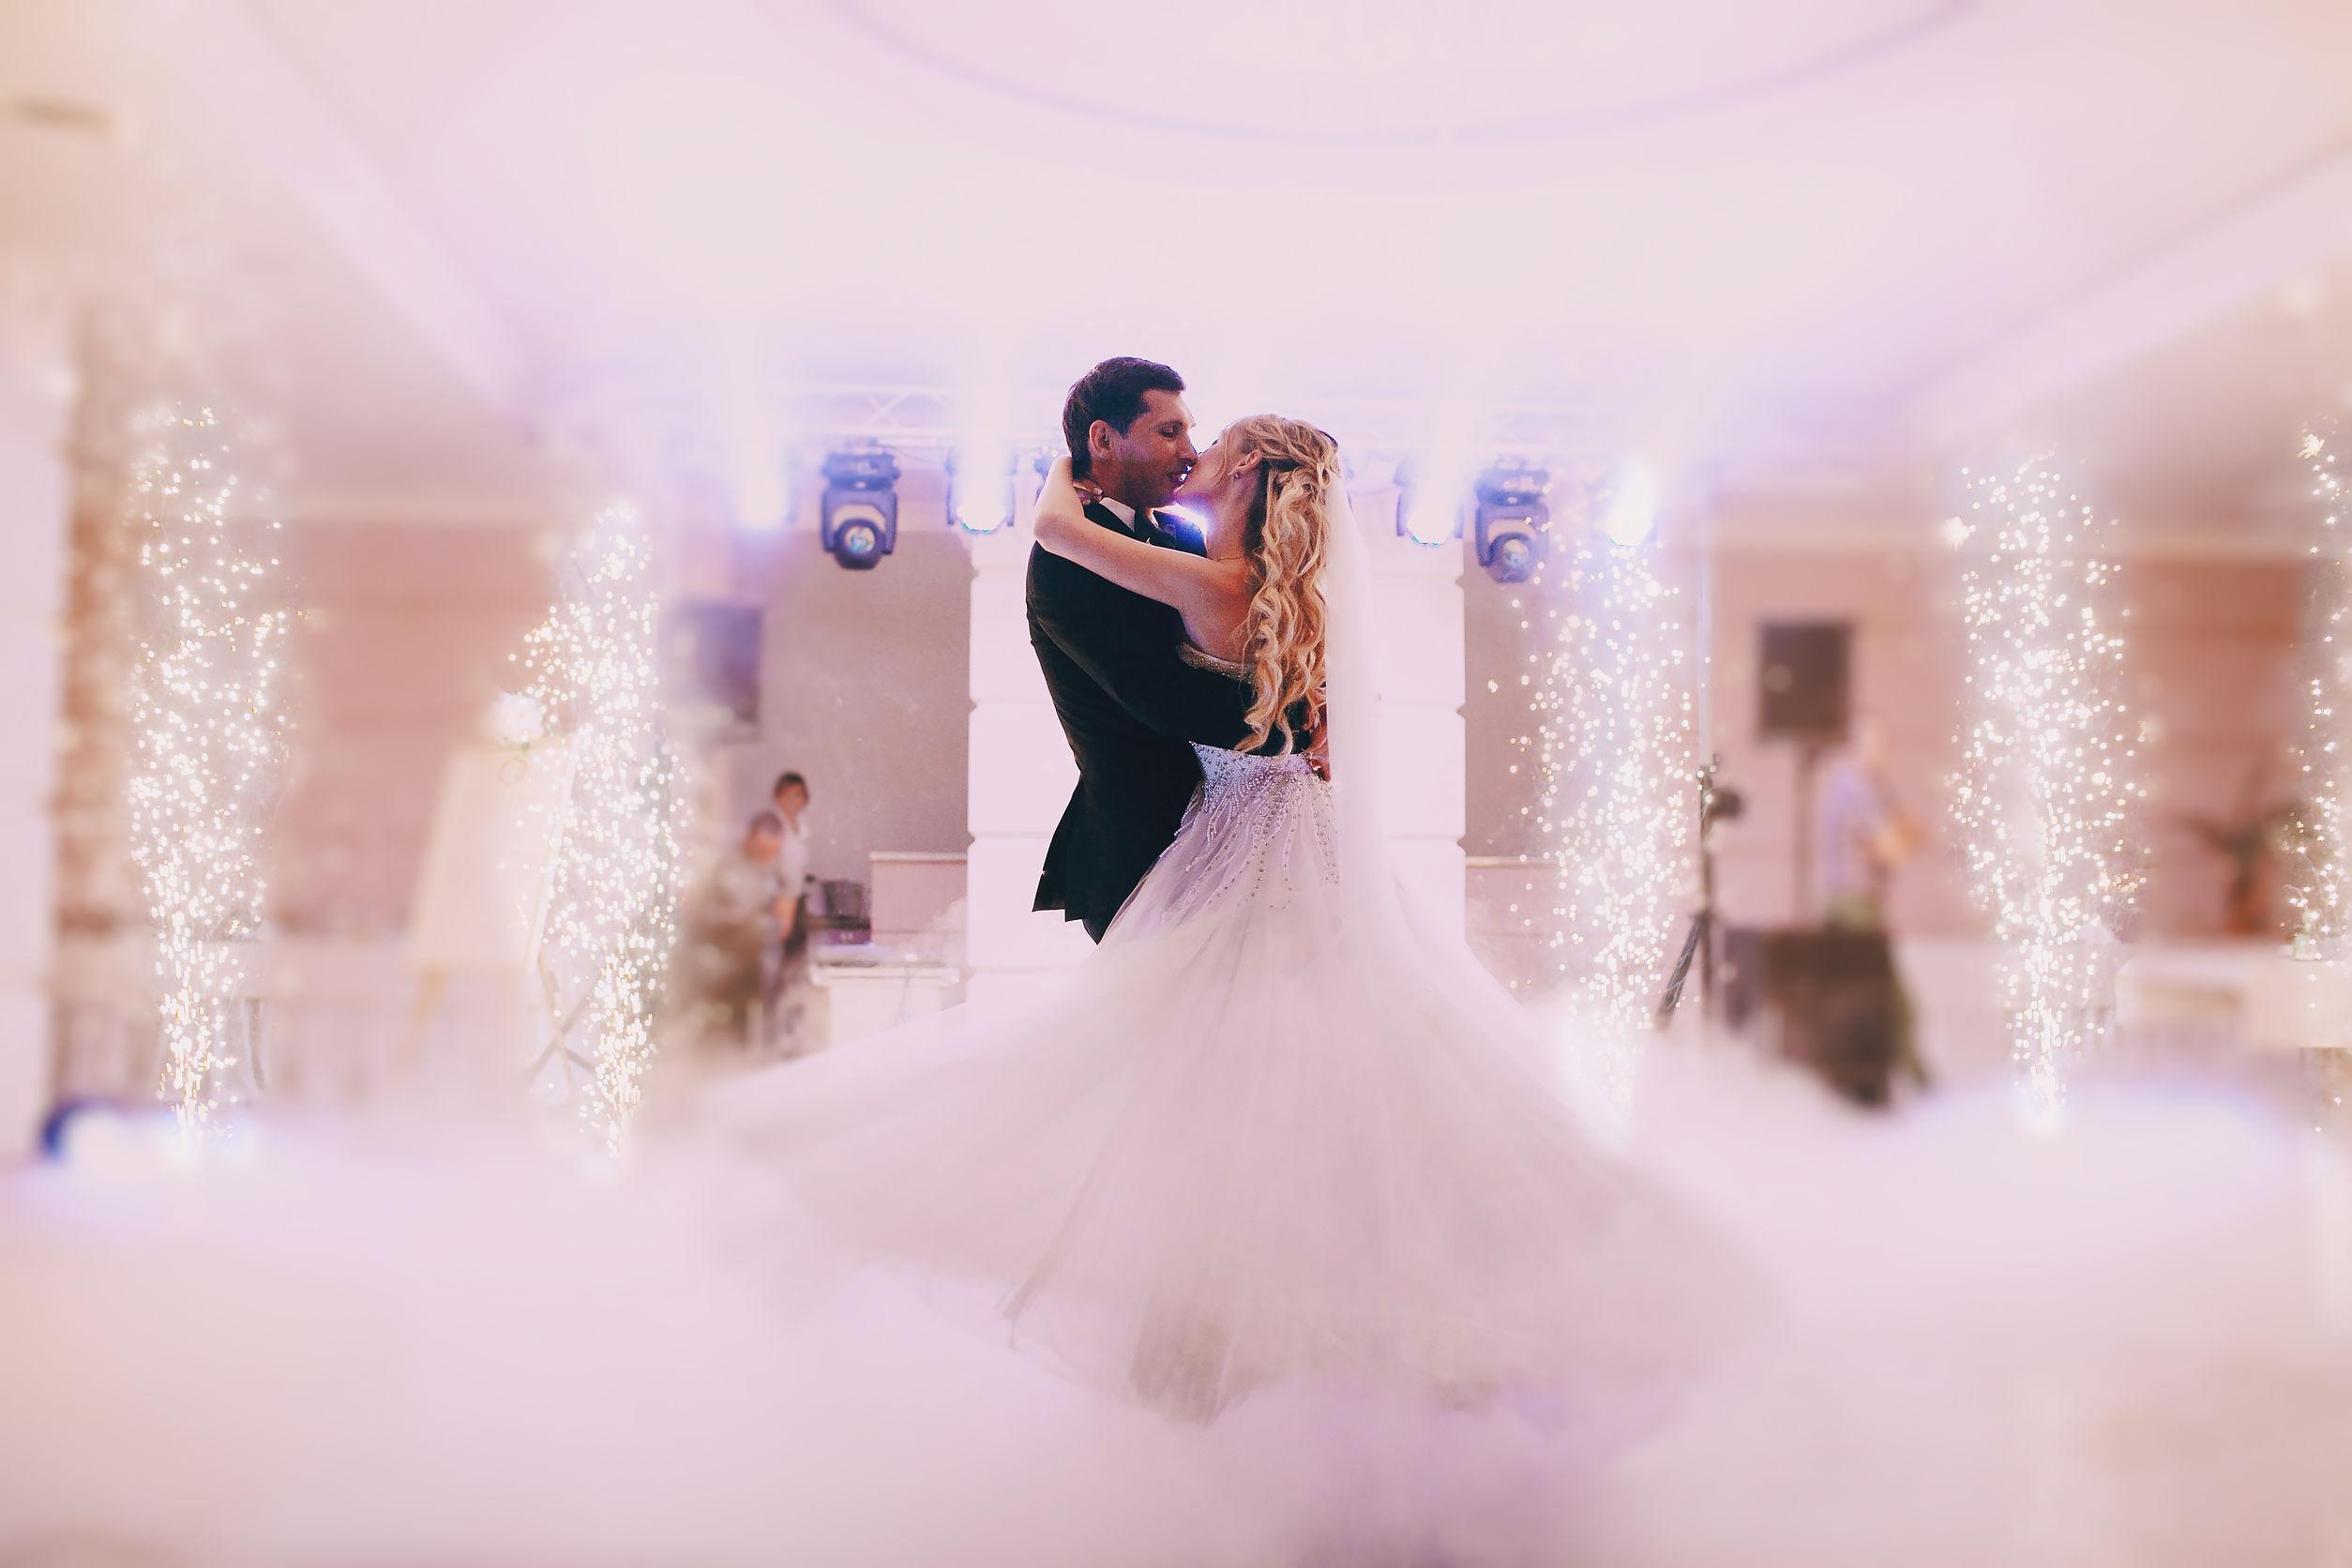 Carousel Wedding dance header